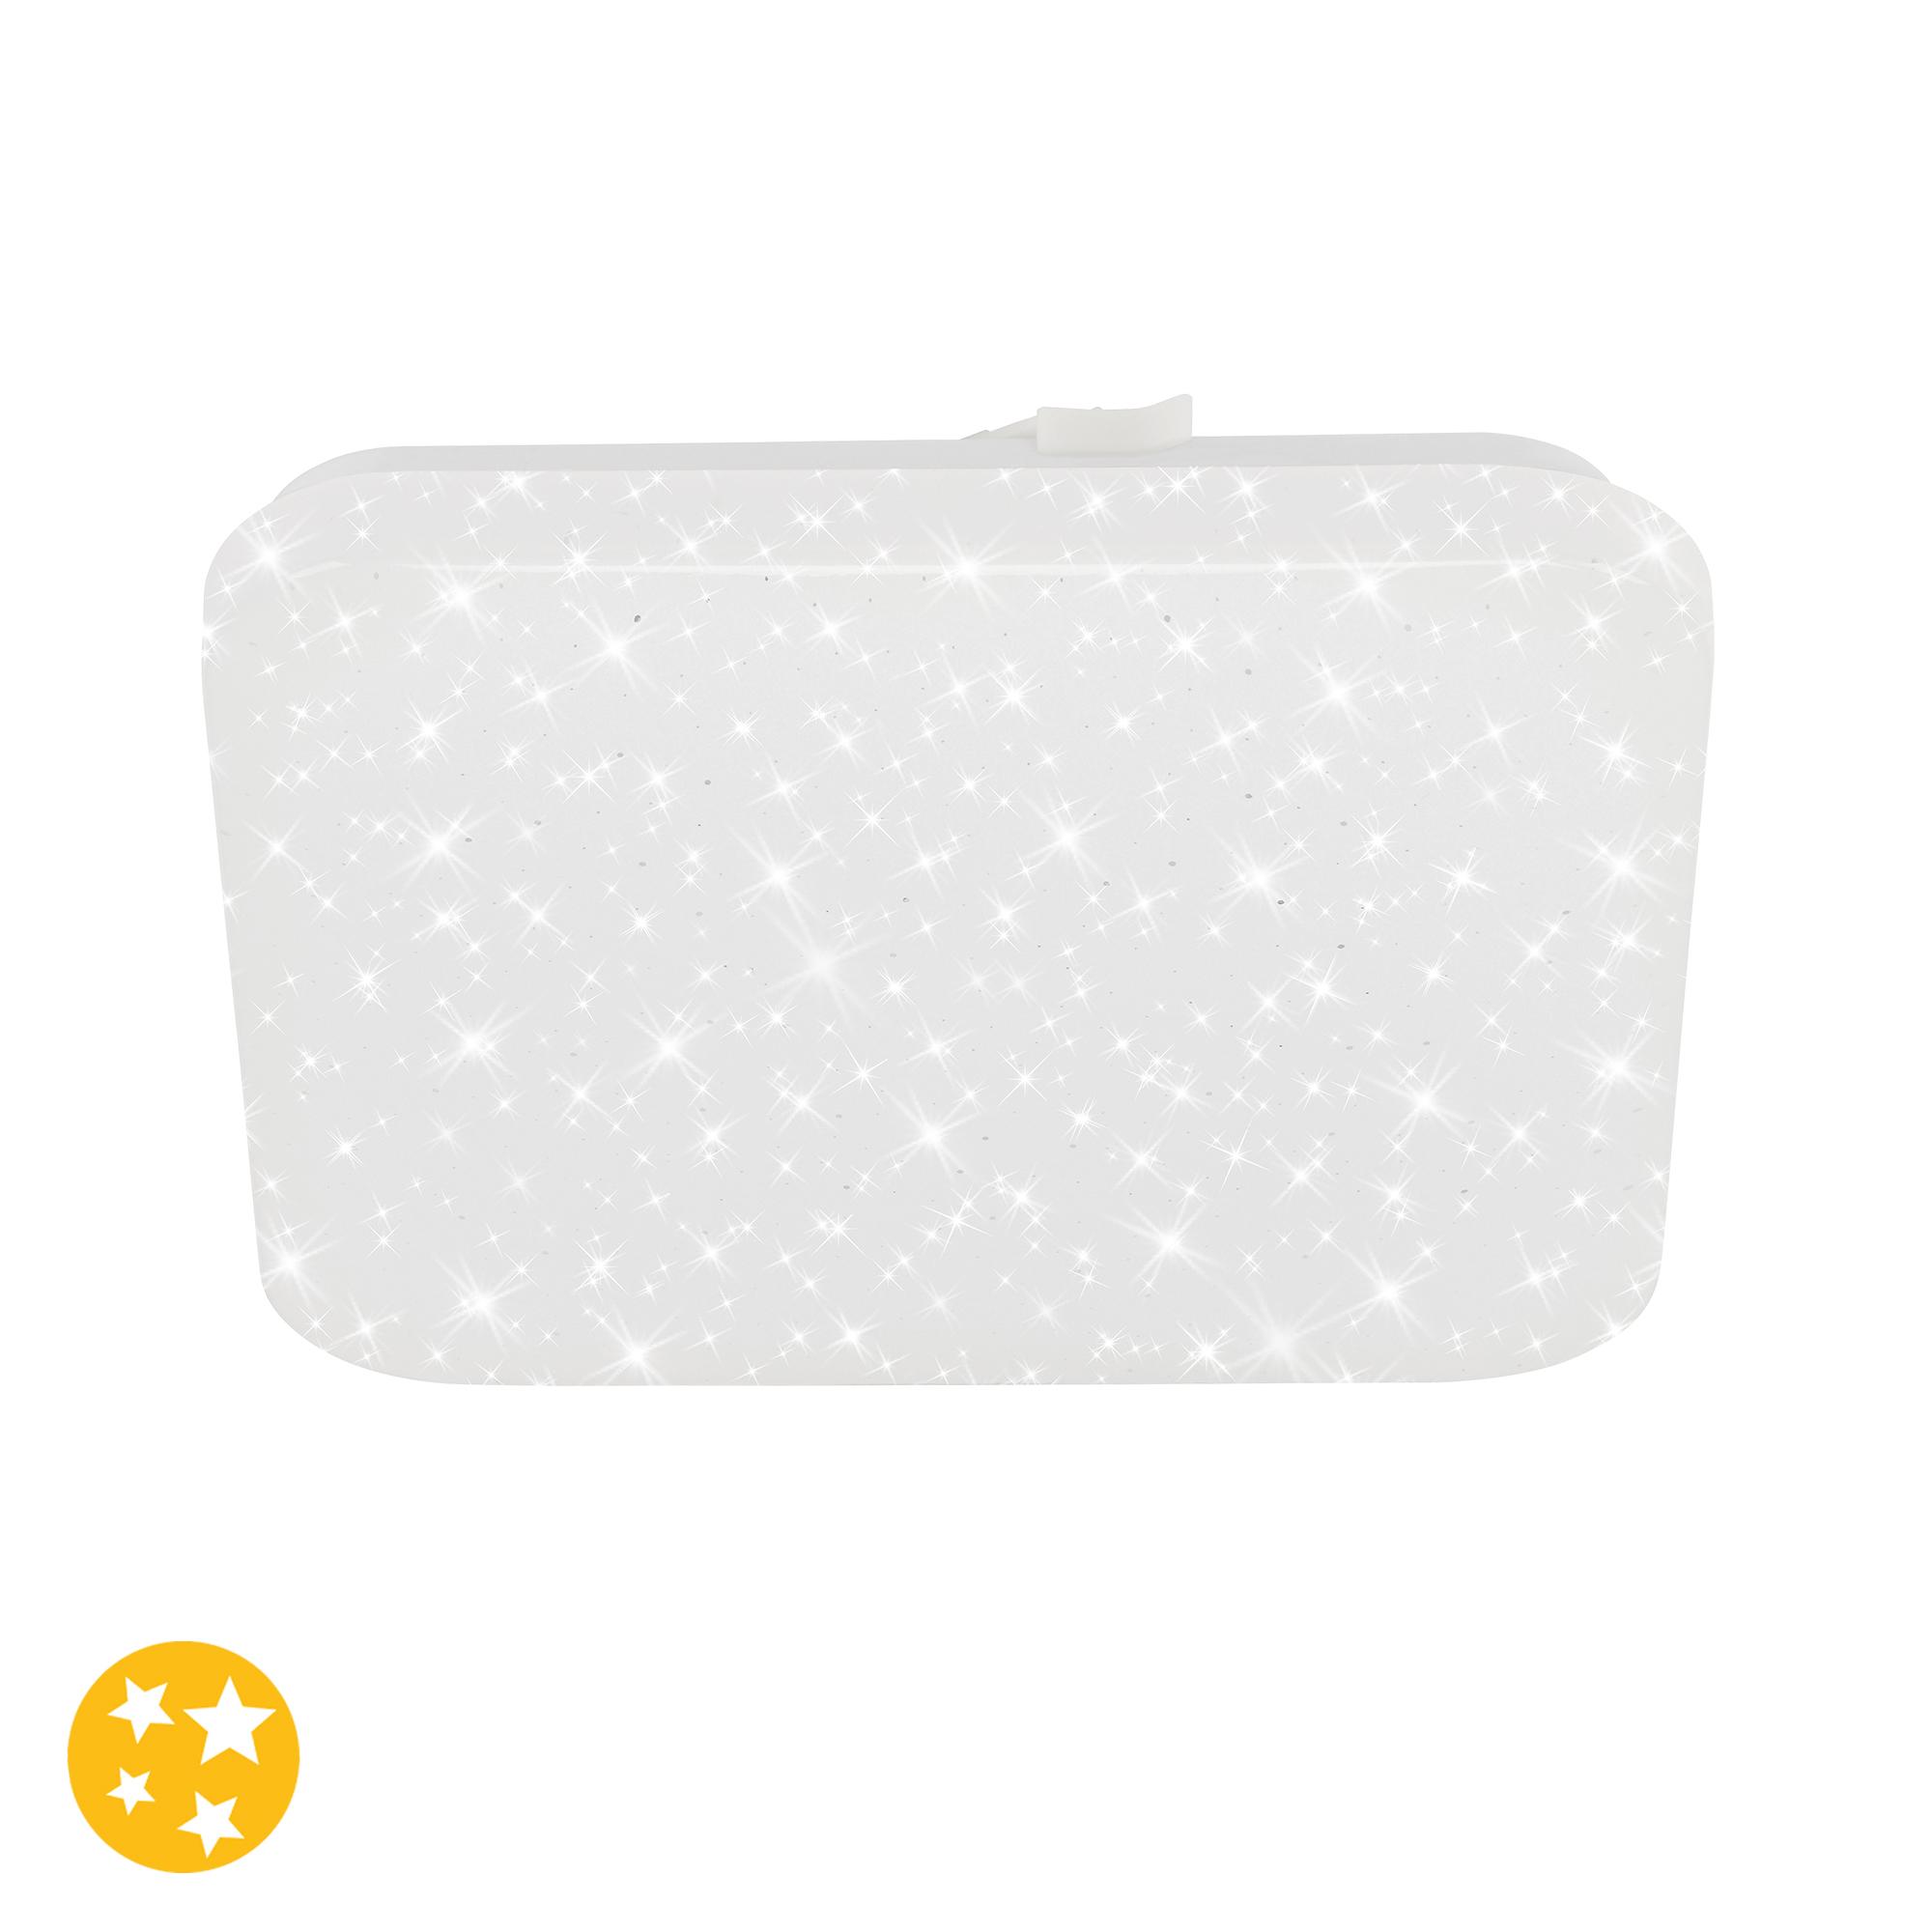 STERNENHIMMEL LED Deckenleuchte, 22 cm, 8 W, Weiss